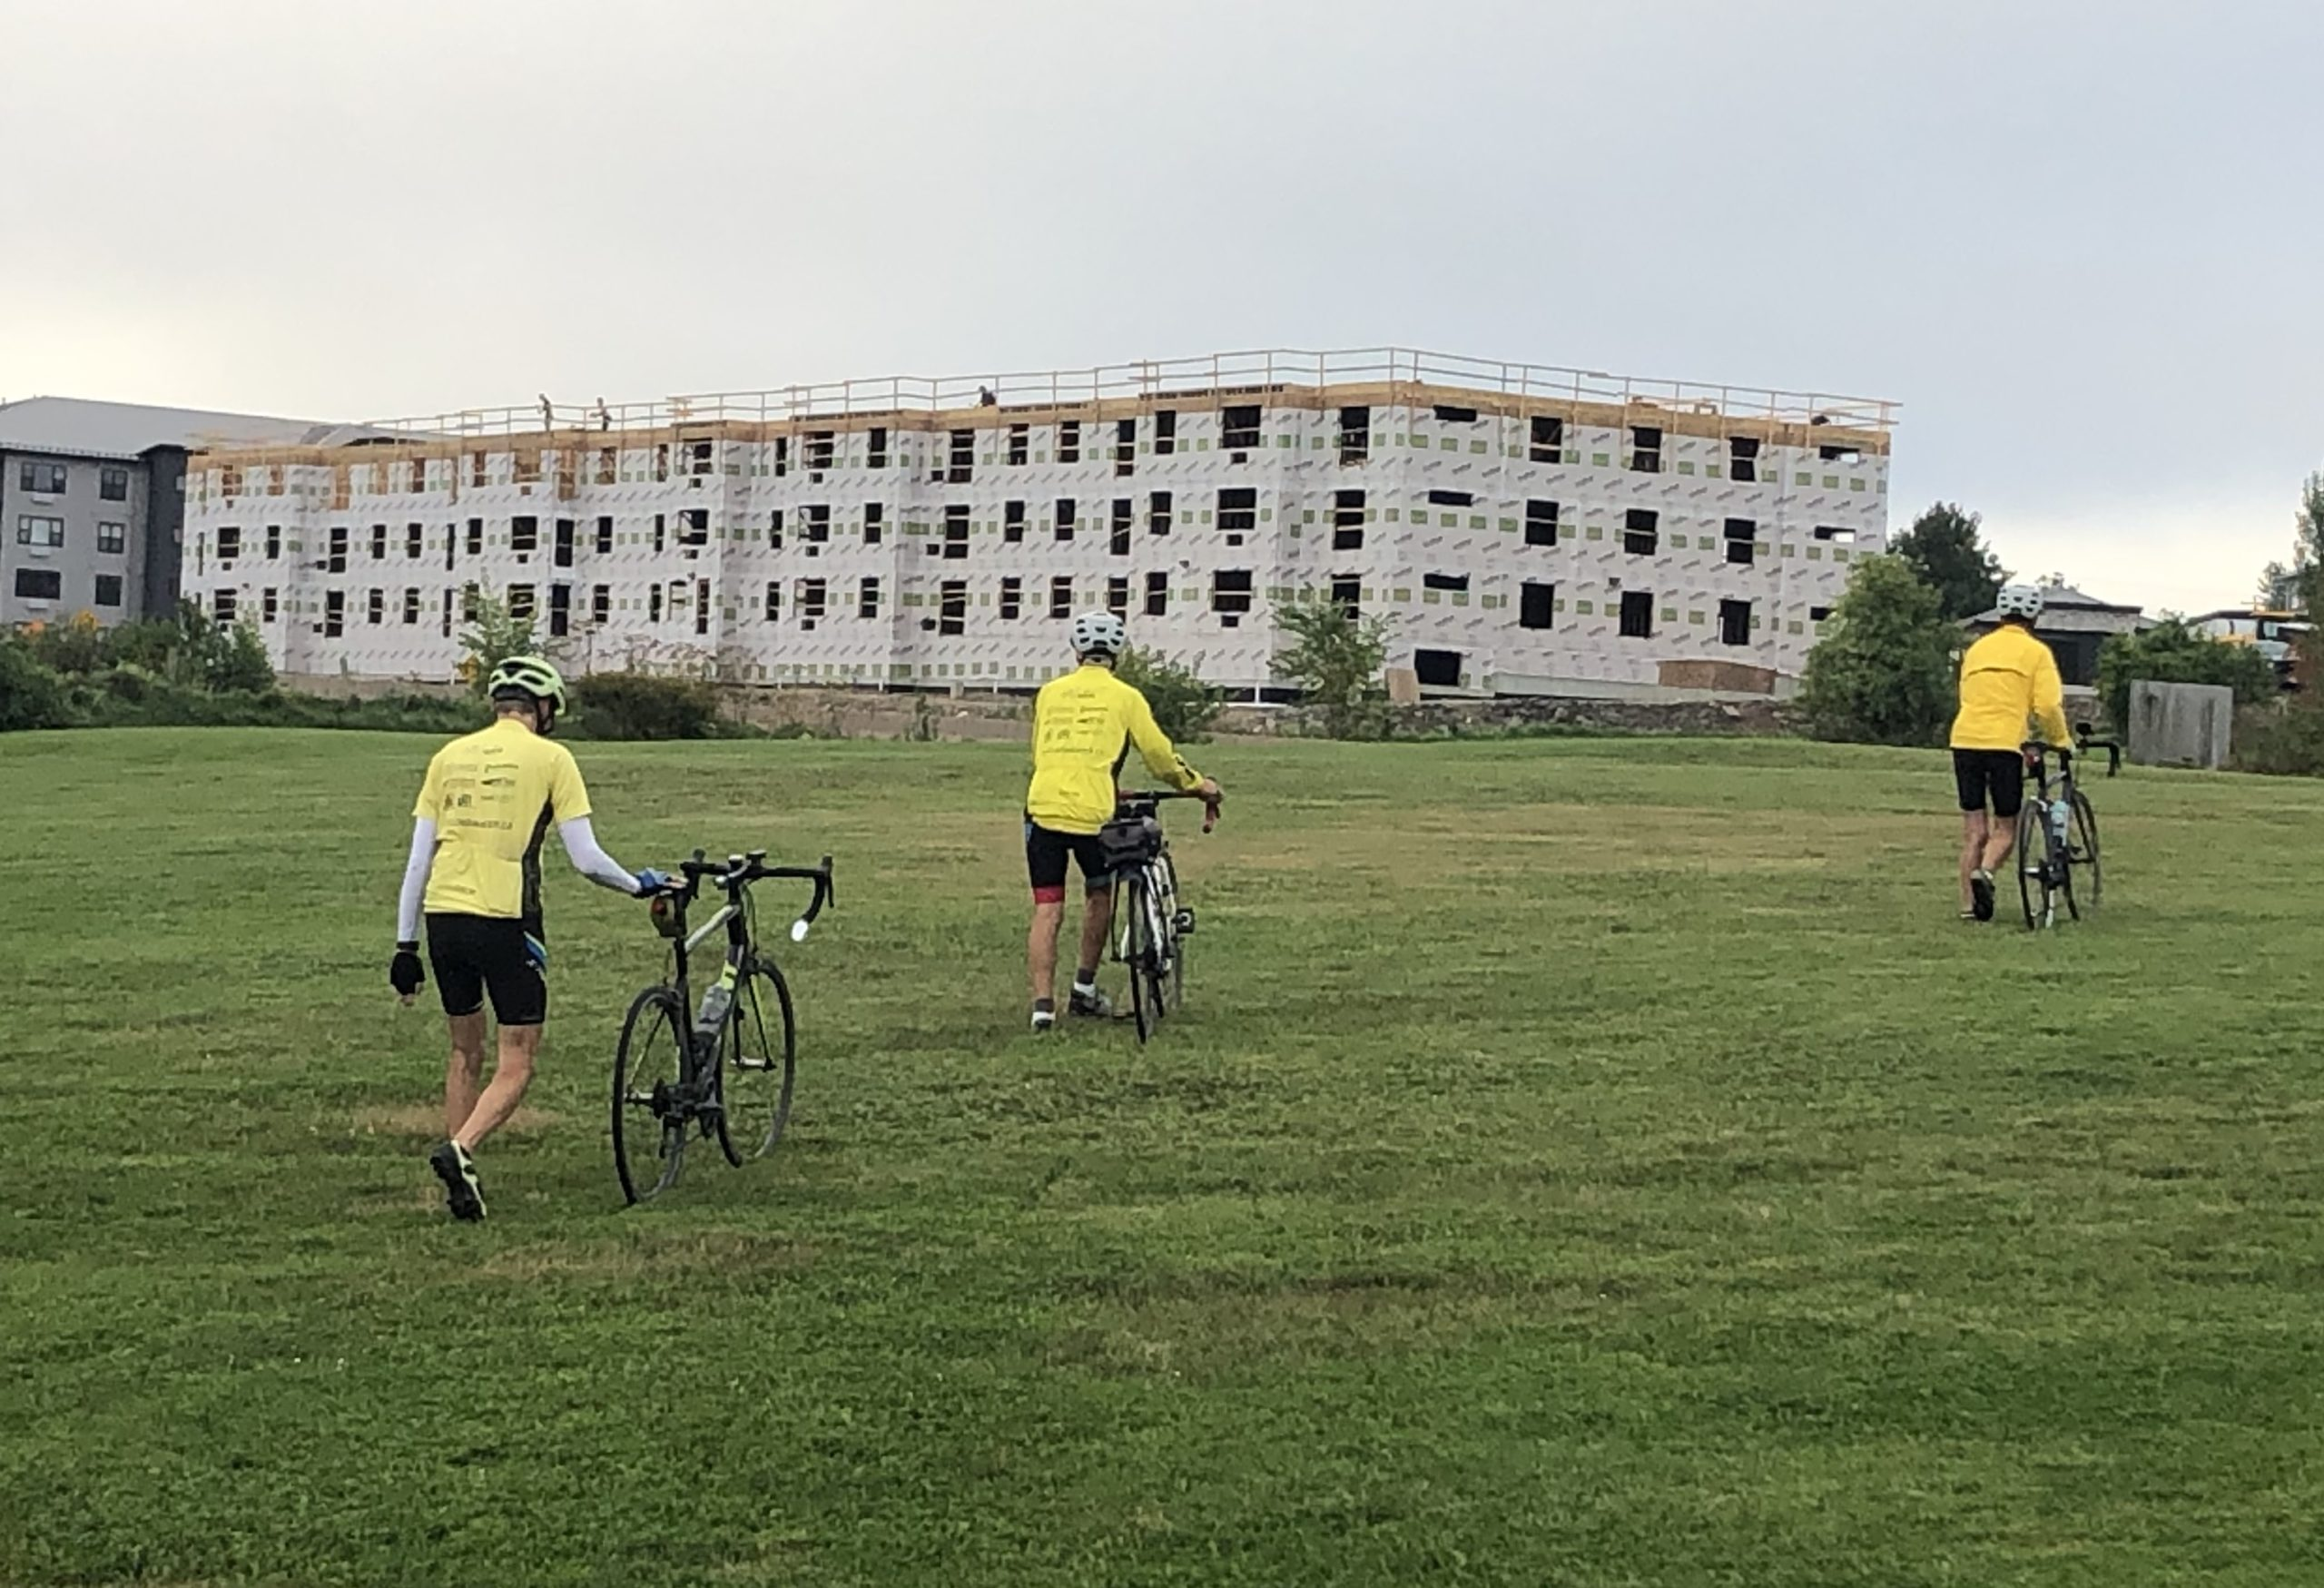 Day 60: Fredericton to Moncton – 180 KM